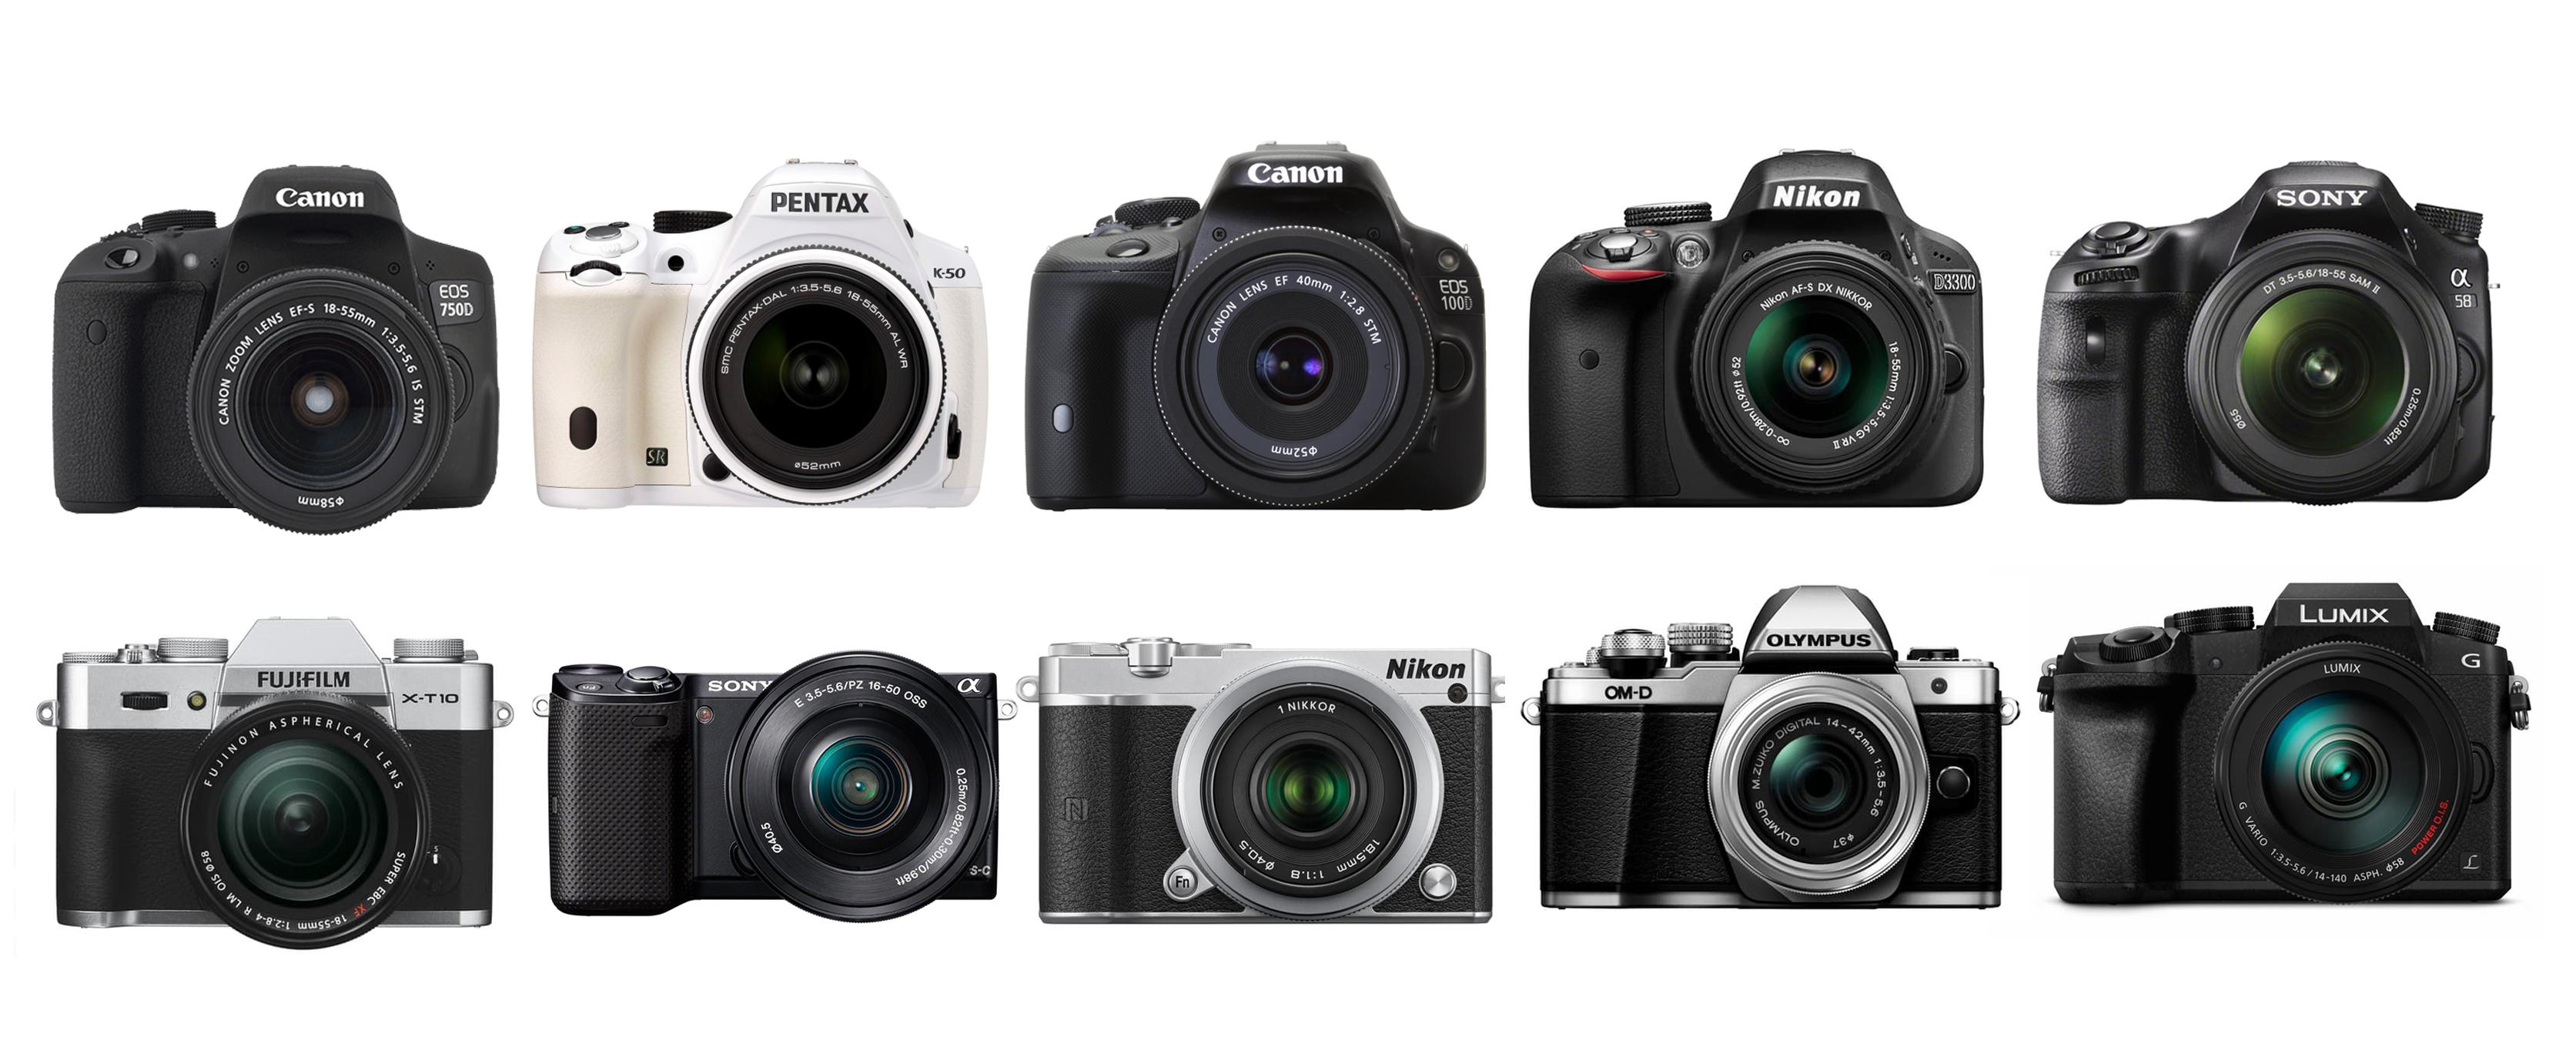 camera reviews our top 10 cameras for beginners   cityacademy